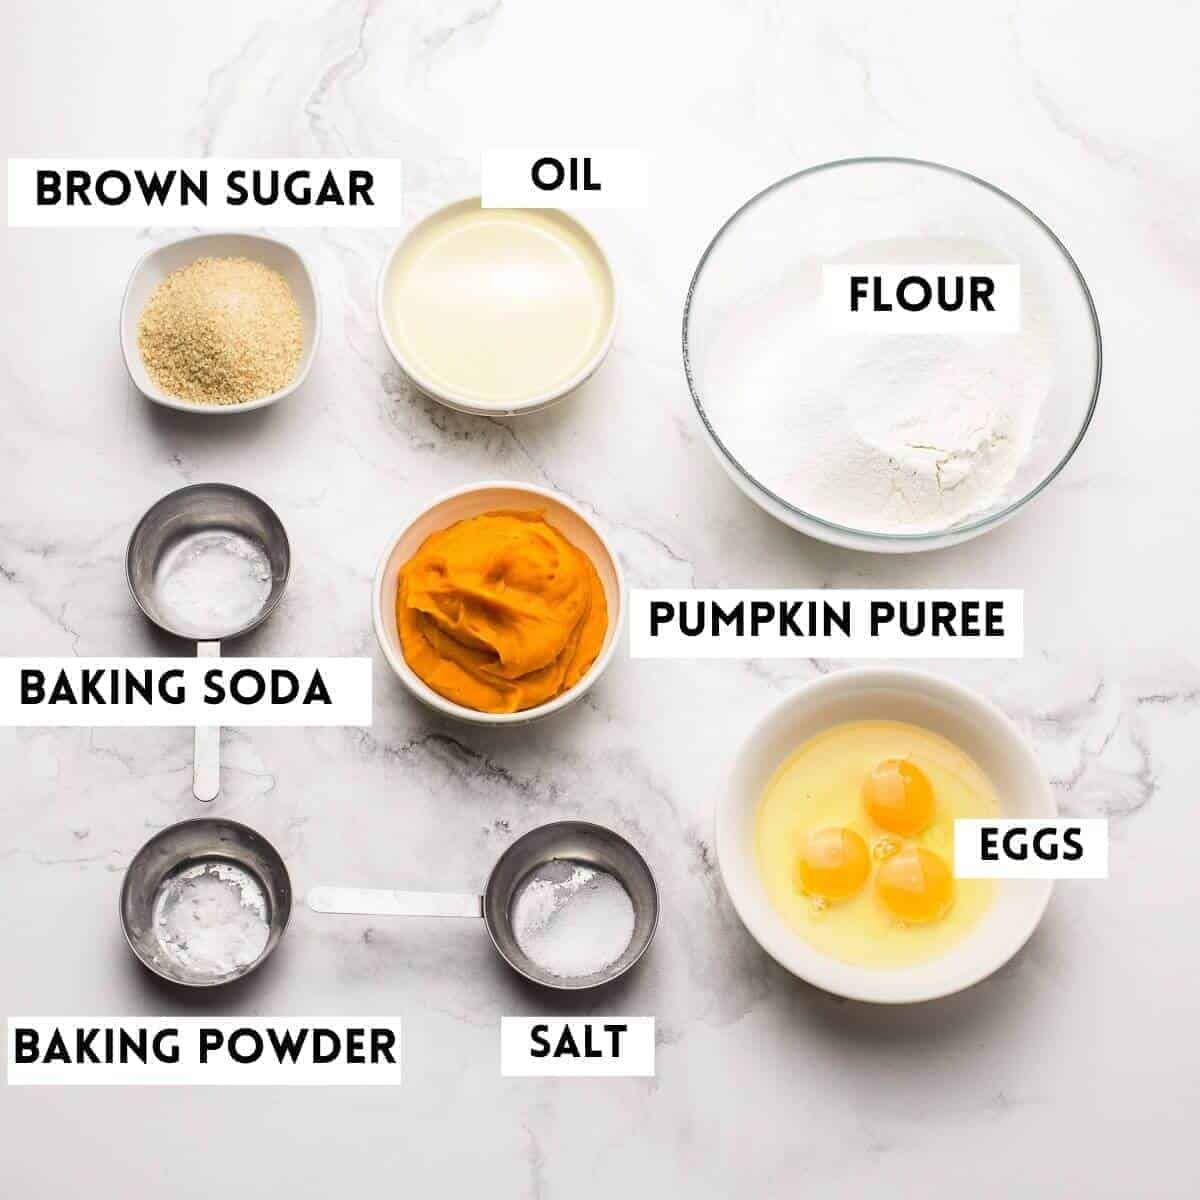 ingredients to make this recipe